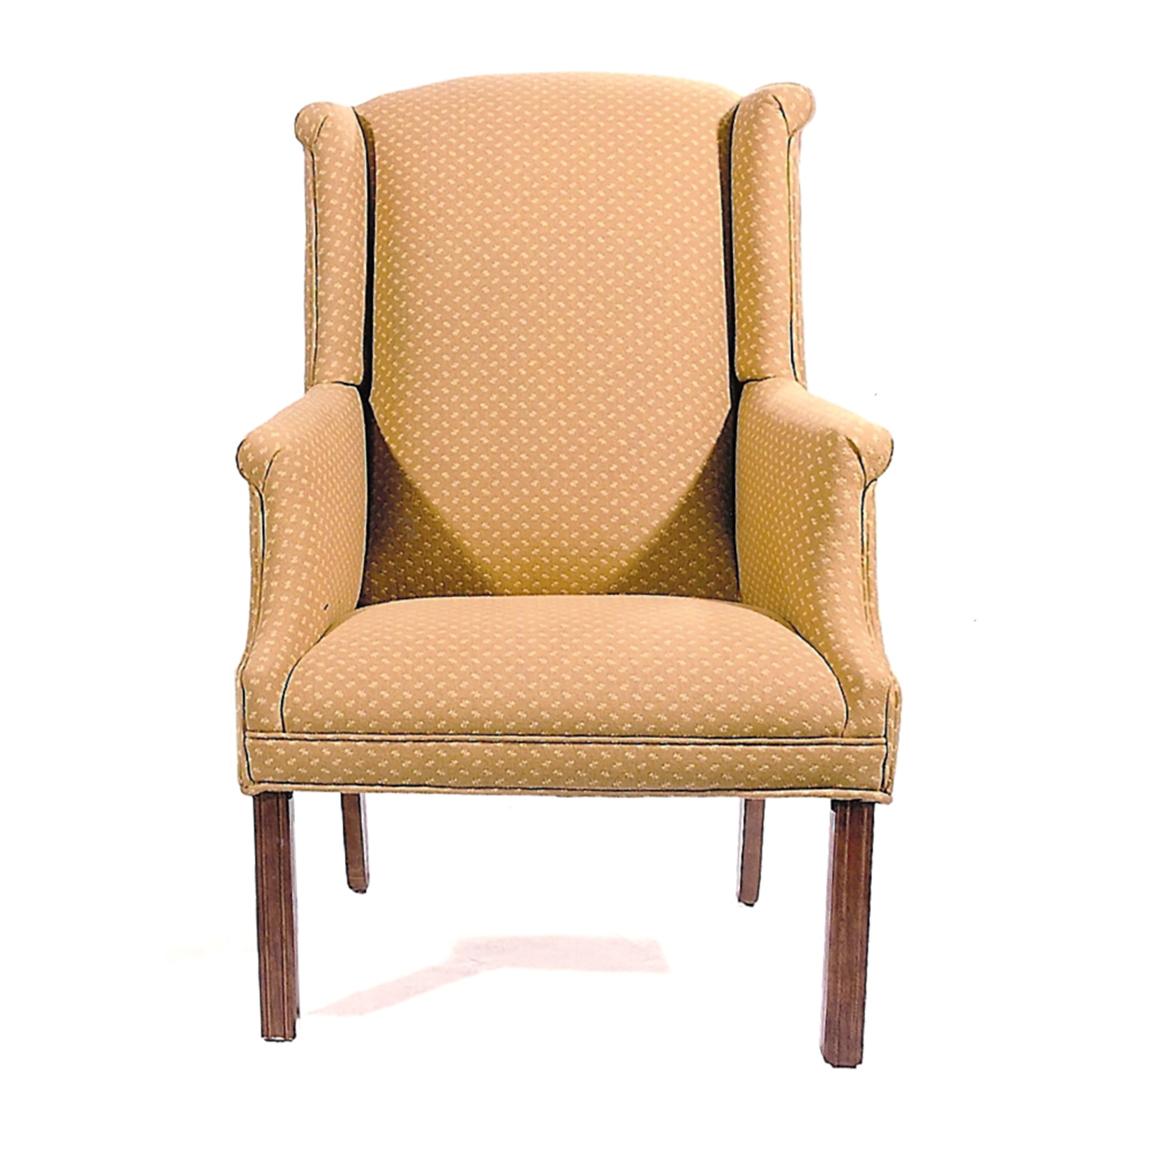 44 Chair